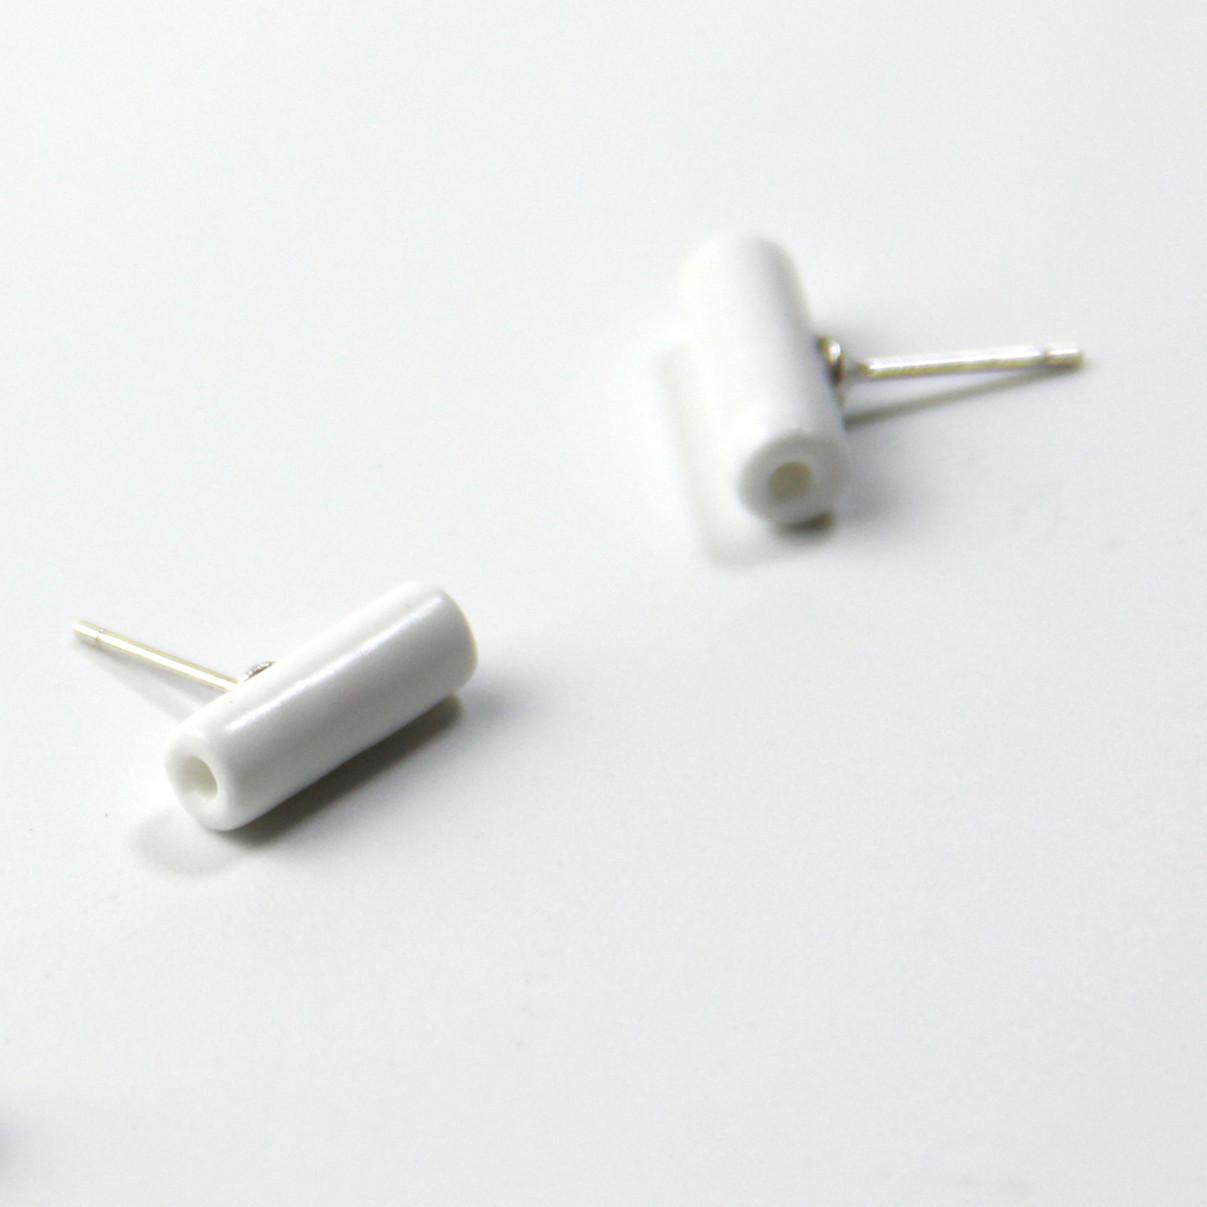 【黑白系列】陶艺家王飞 黑白极简风 手工陶瓷耳饰 耳钉 耳线 925纯银  单件装